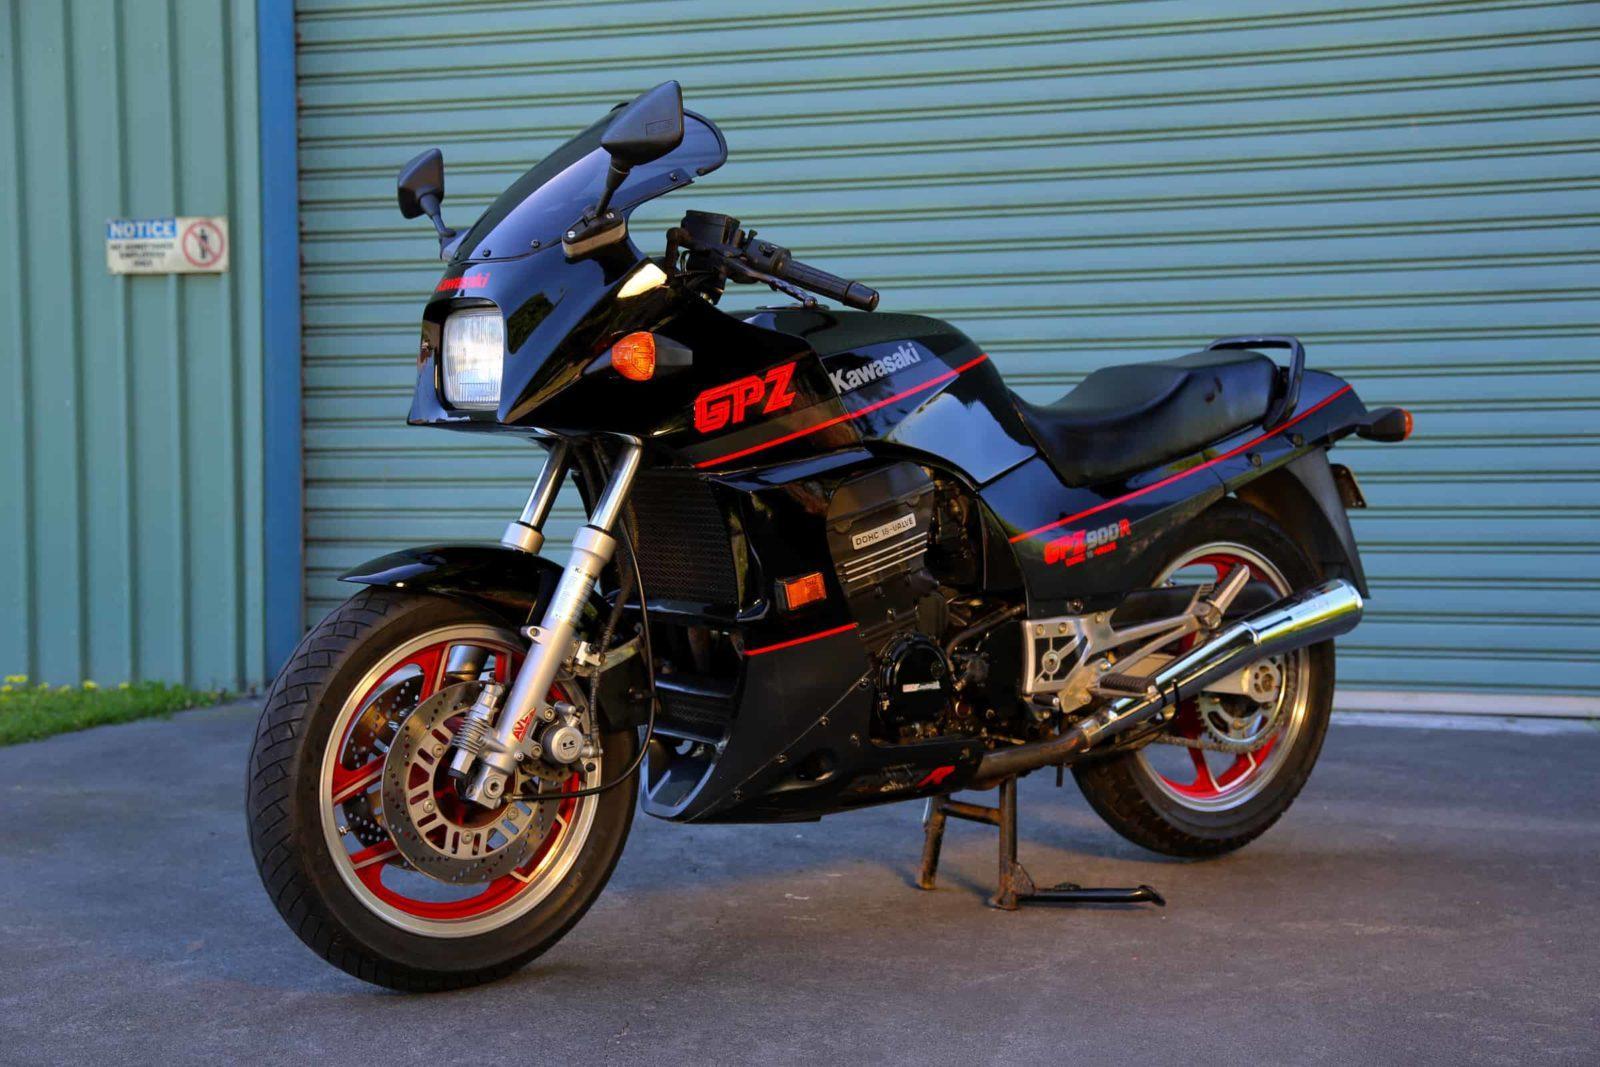 Kawasaki GPZ900 R